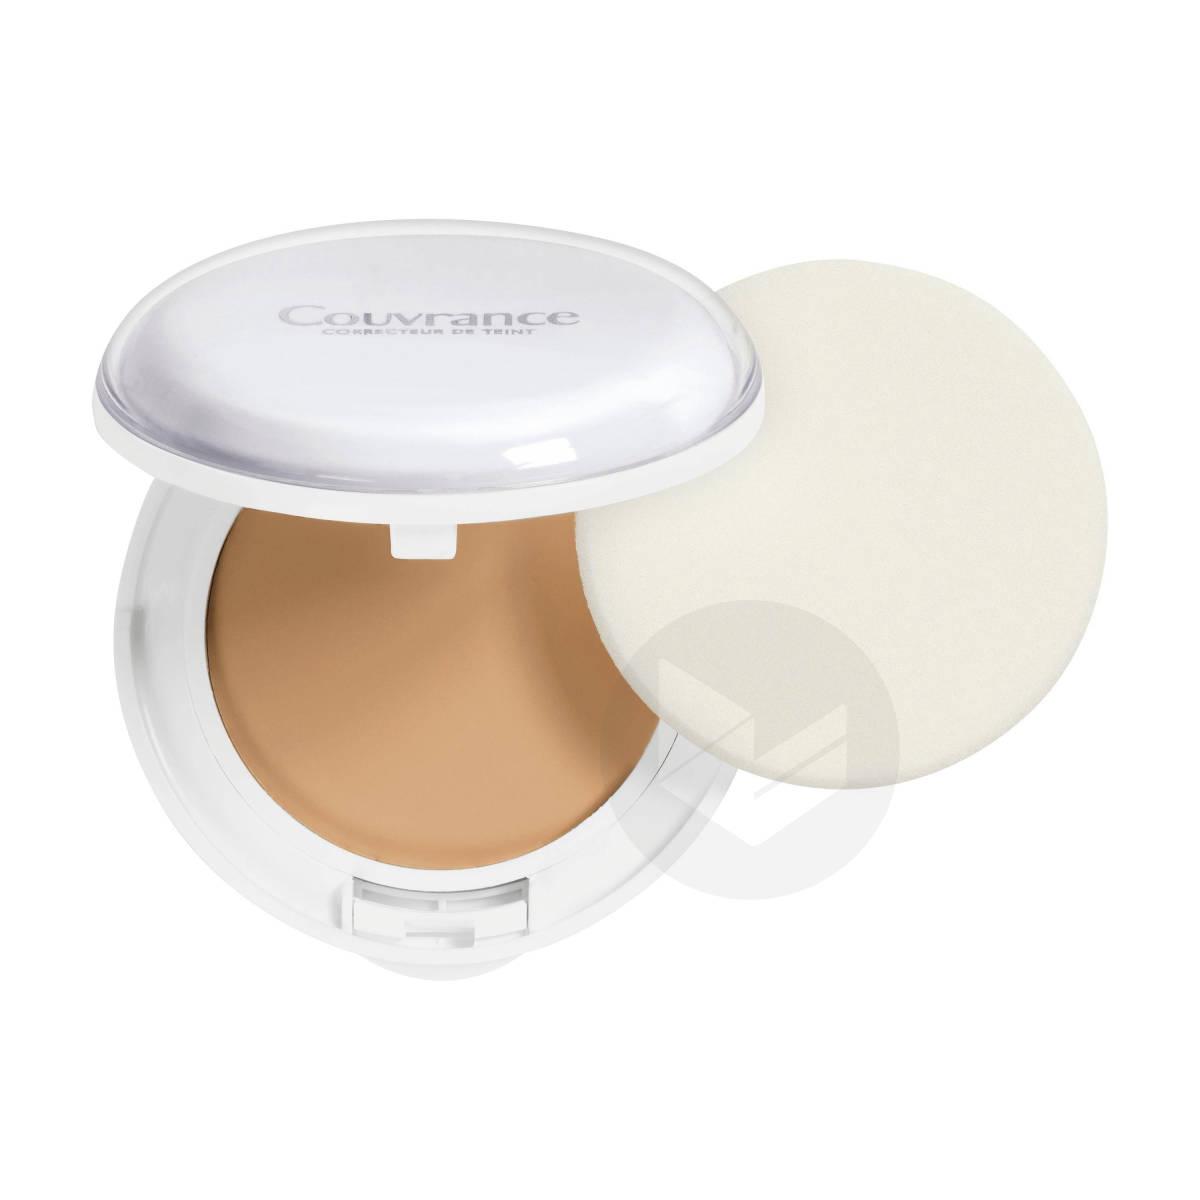 Crème De Teint Compacte Confort Fini Velouté Naturel Soleil N°5.0 10g